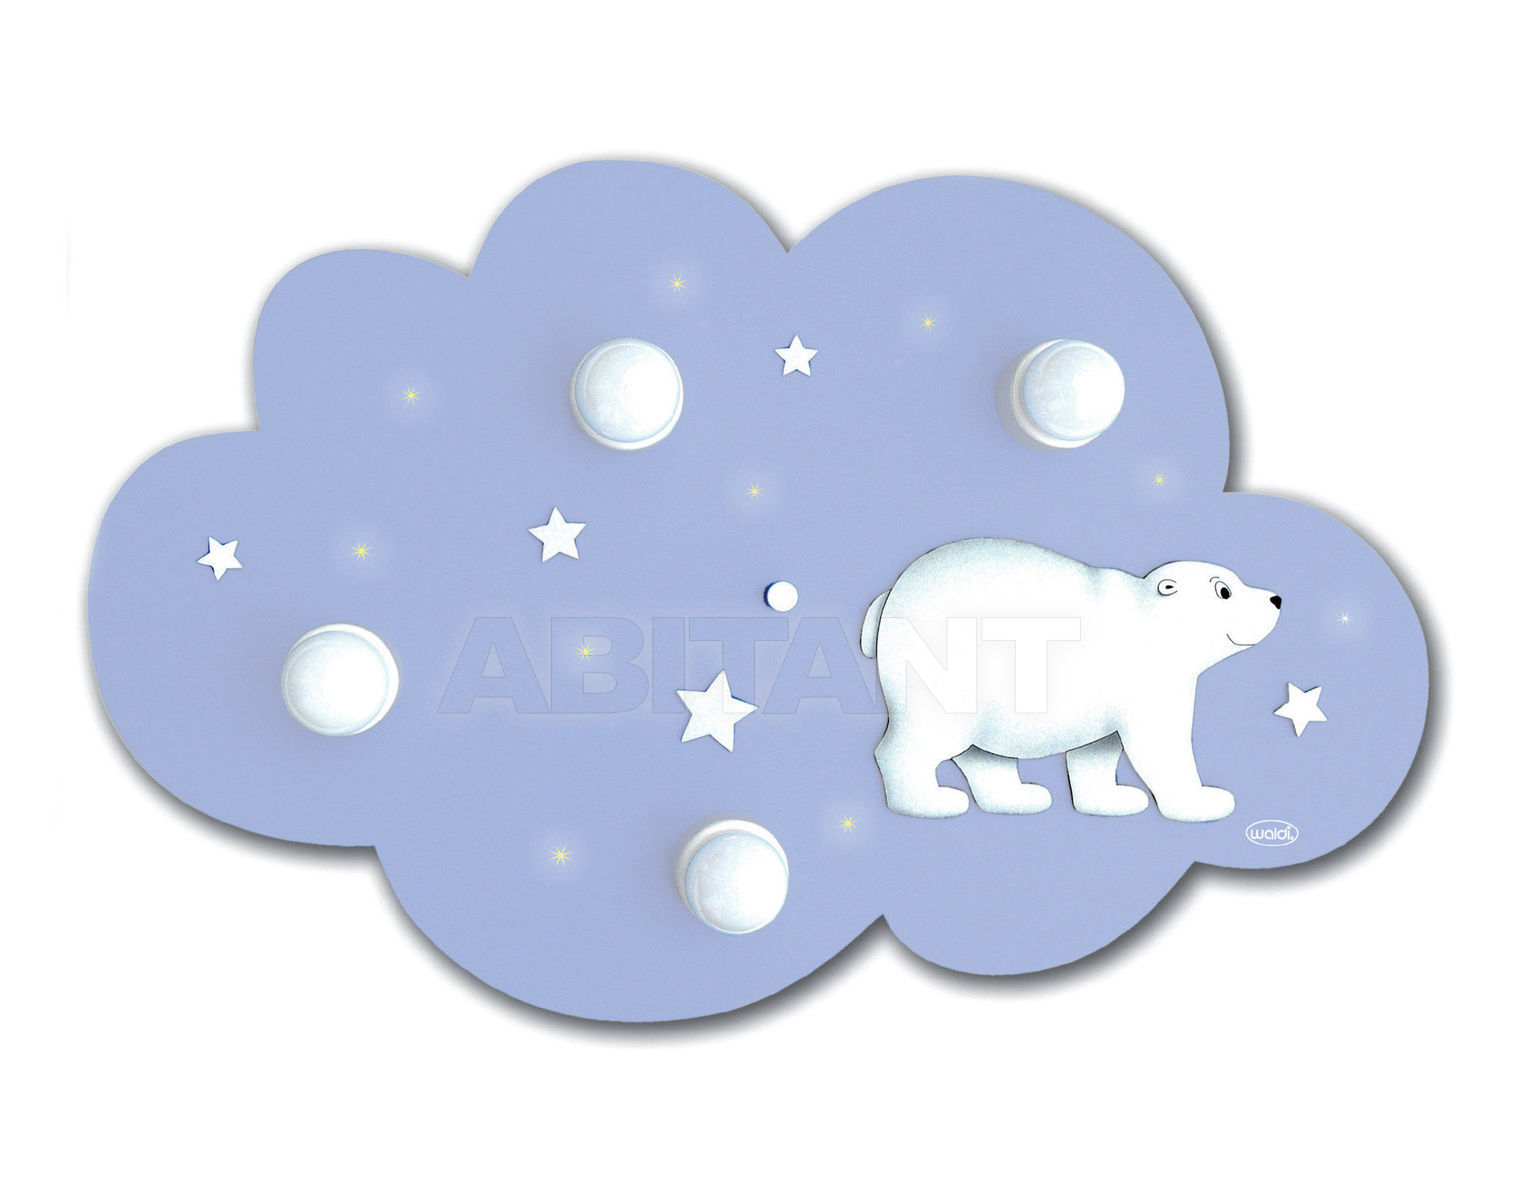 Купить Светильник для детской  Waldi Leuchten Lampen Fur Kinder 2012 66101.0